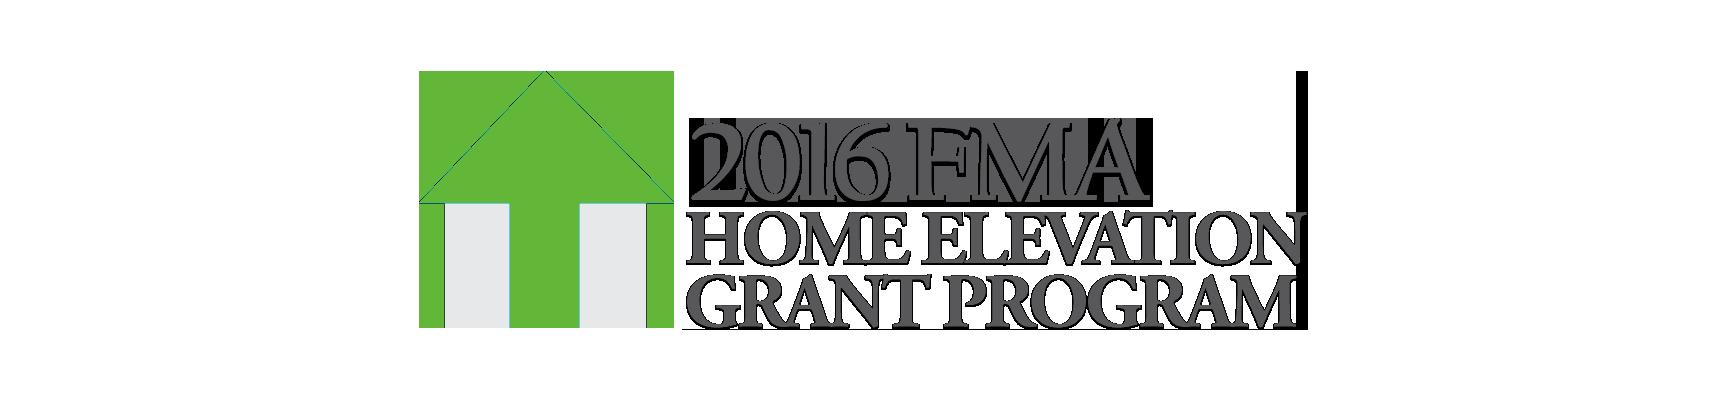 2016 FMA Grant Pgoram Logo